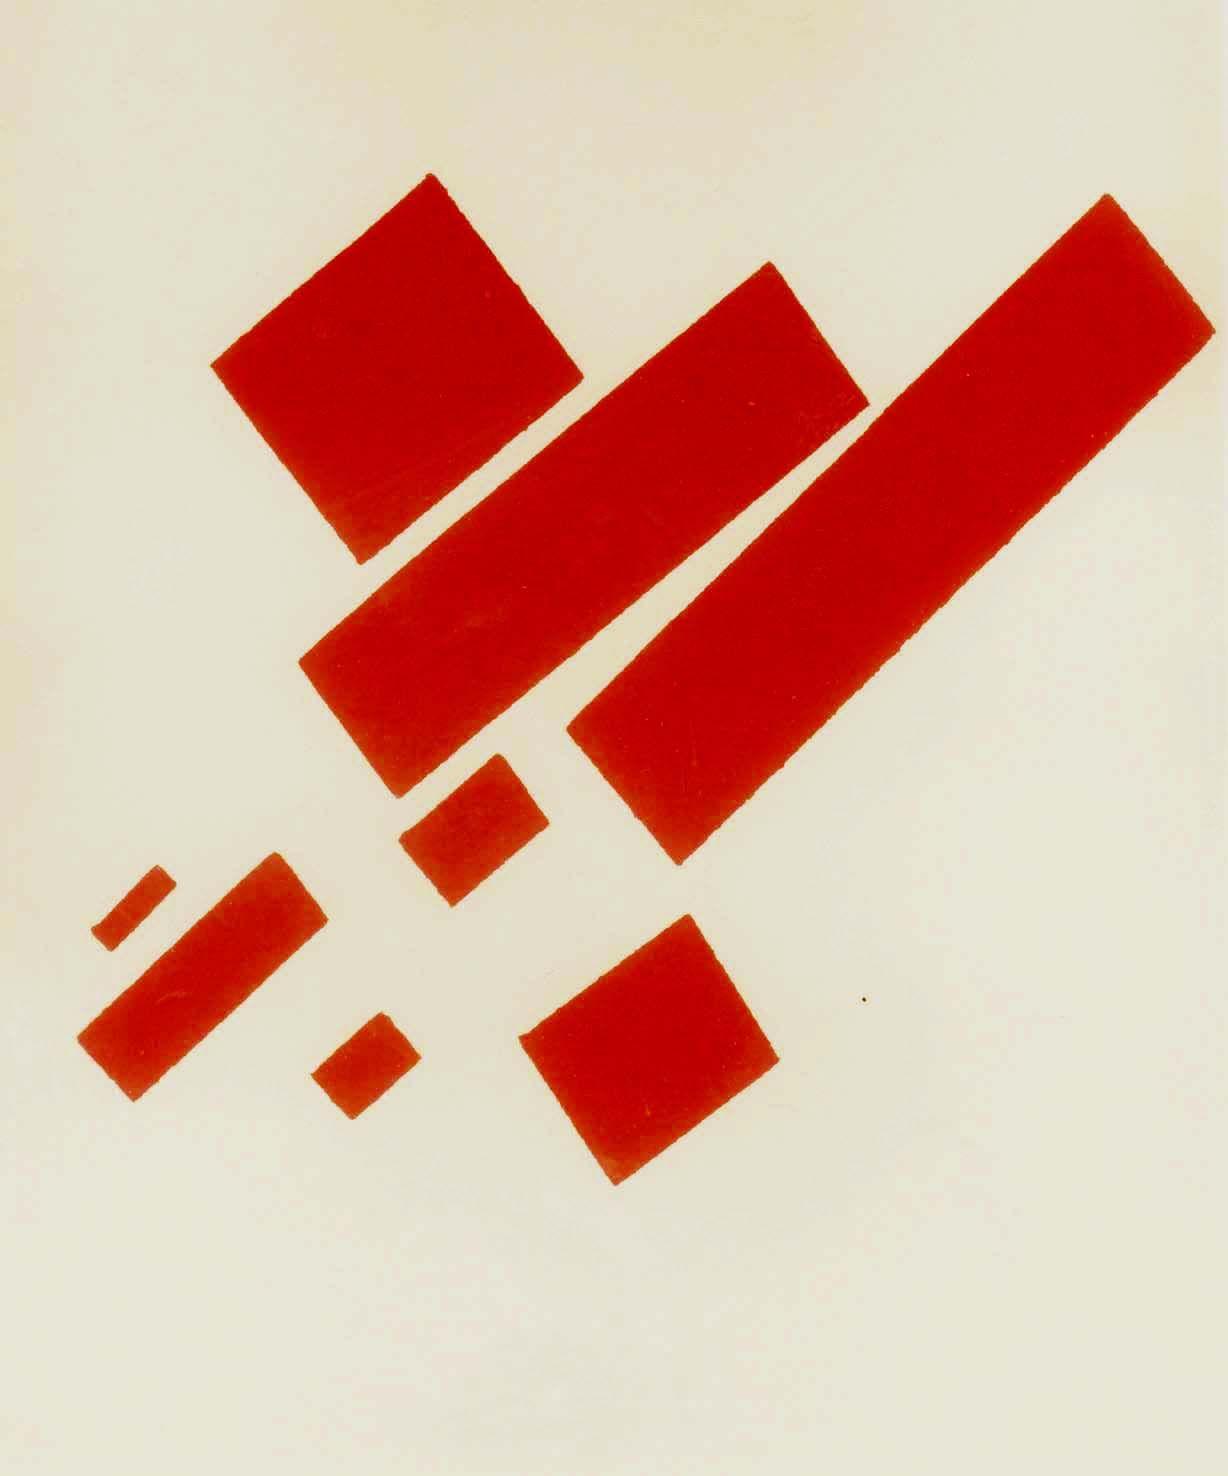 Malévitch. Sérigraphie 346/420 sur vélin de rives, tirée en 1971,collection Correspondances n° 15